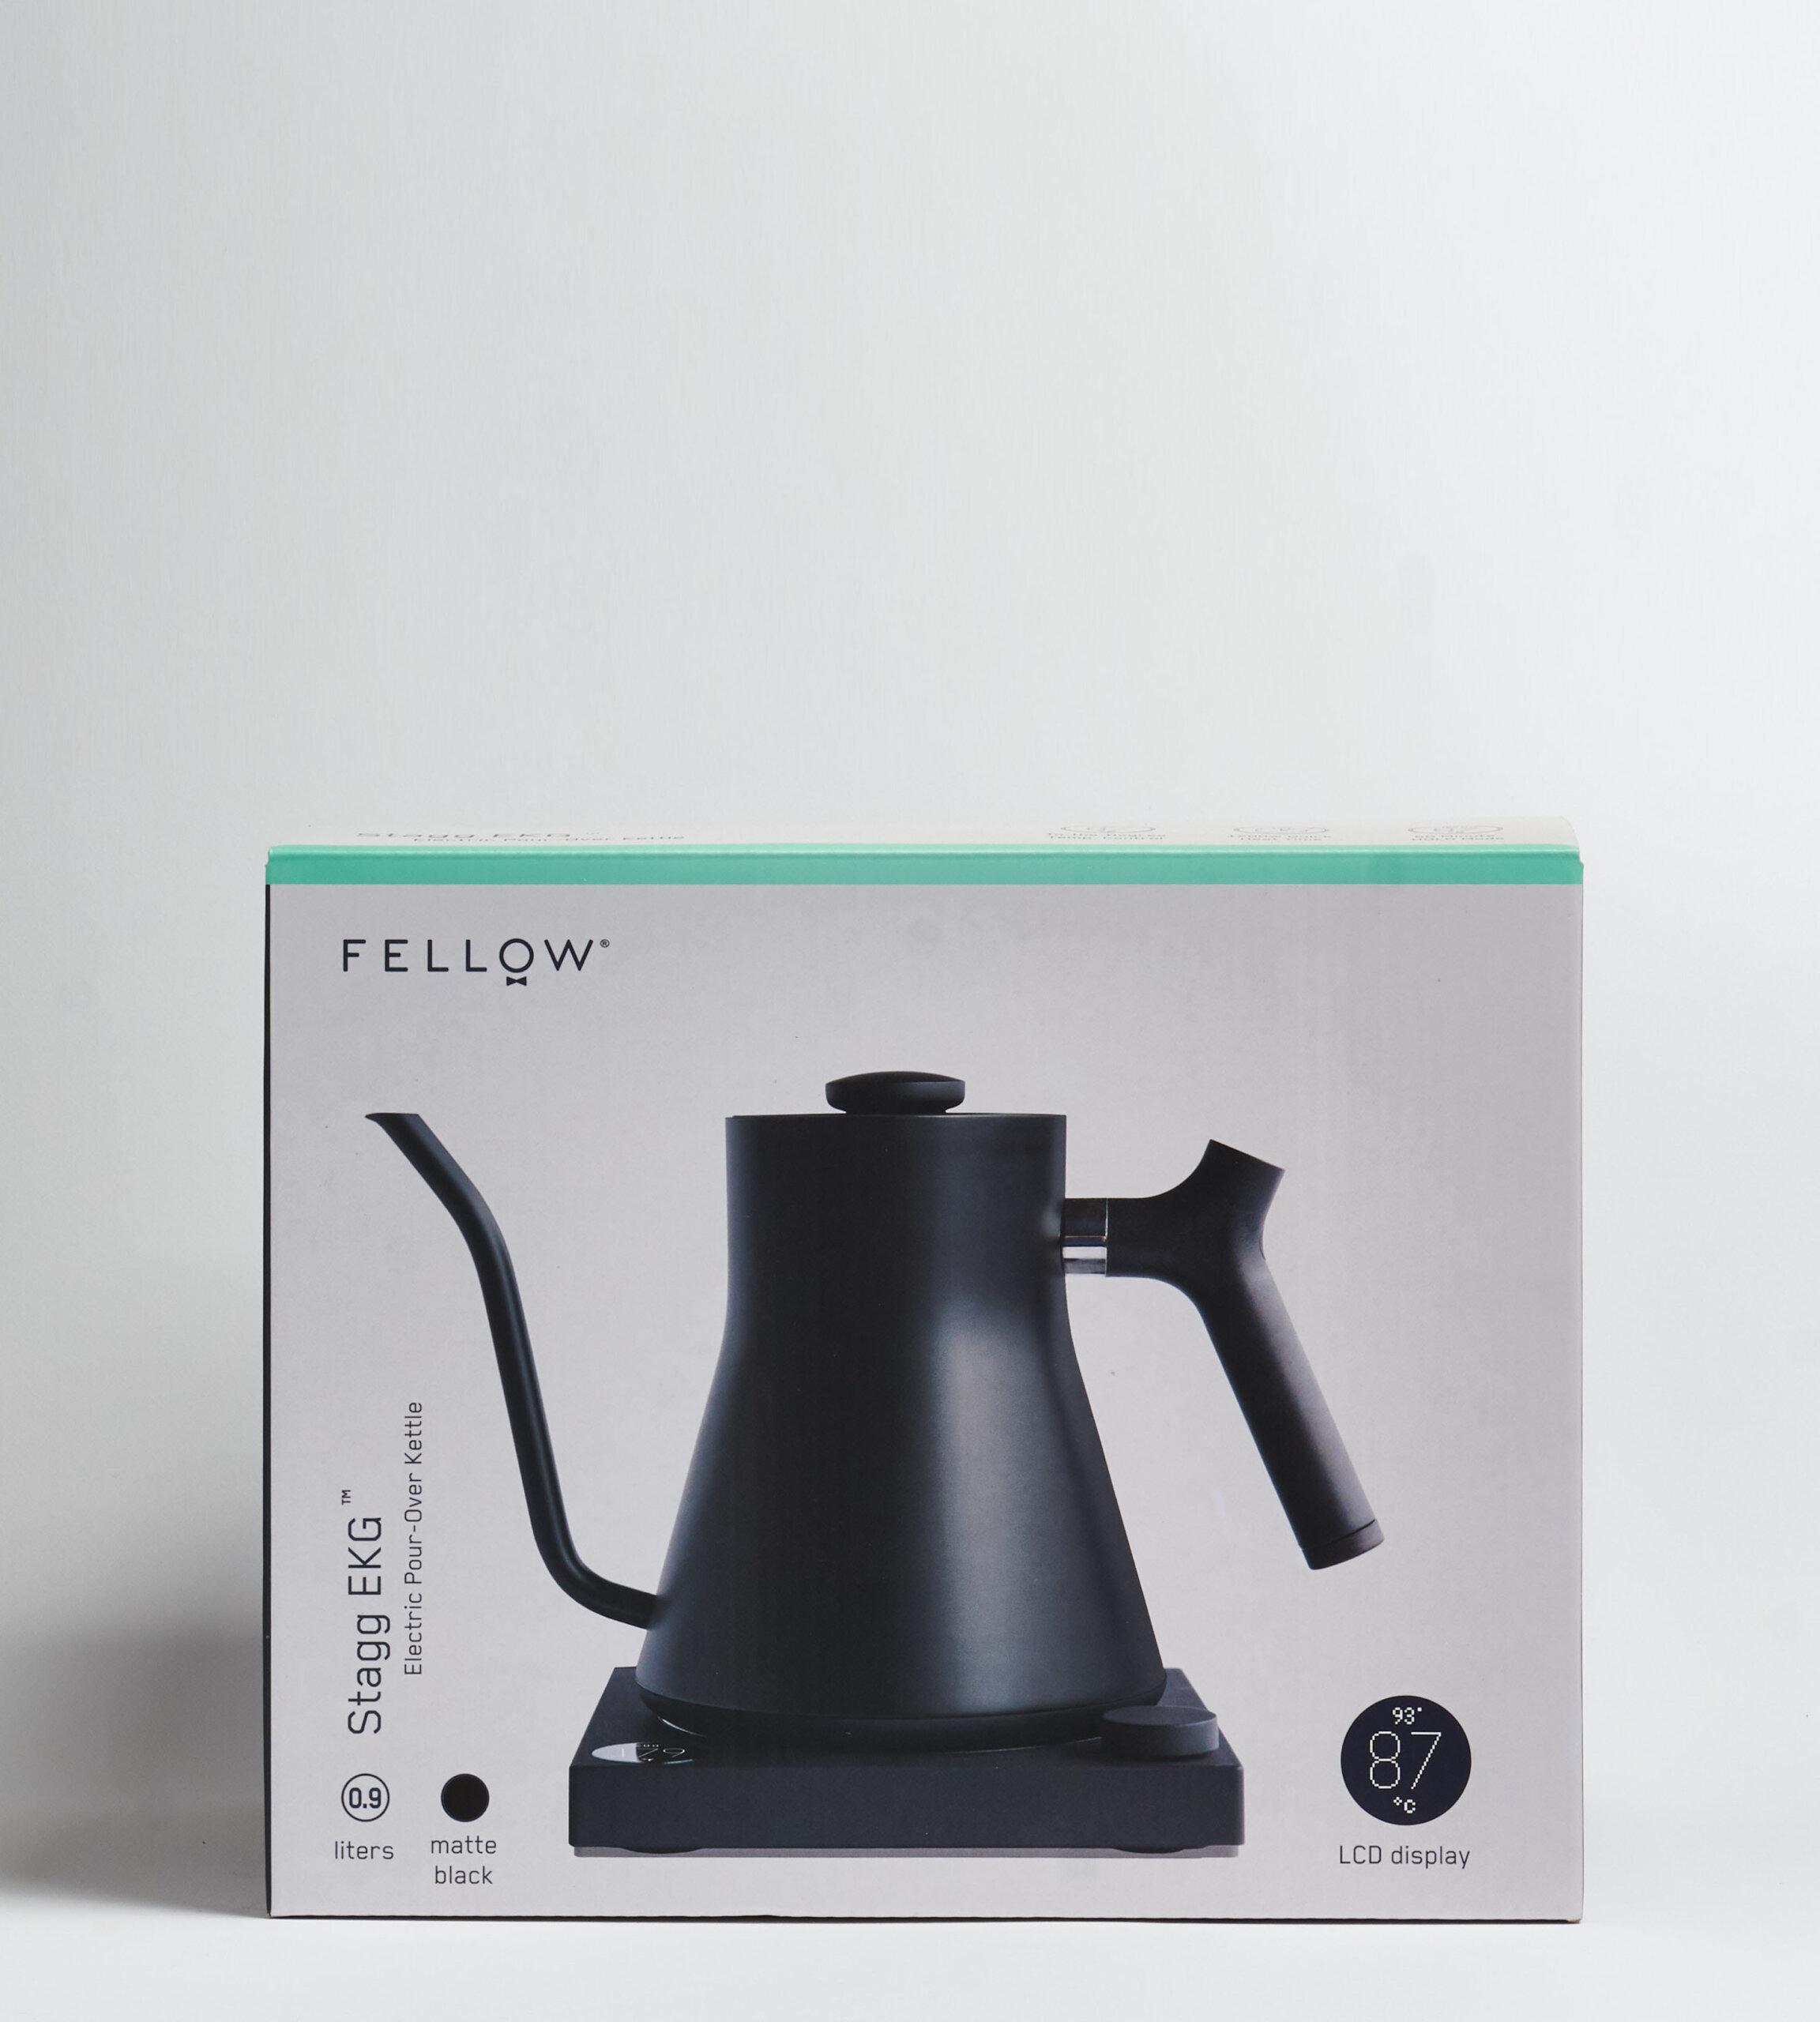 Stagg EKG, elektrischer Wasserkocher, mattschwarz-prev-5